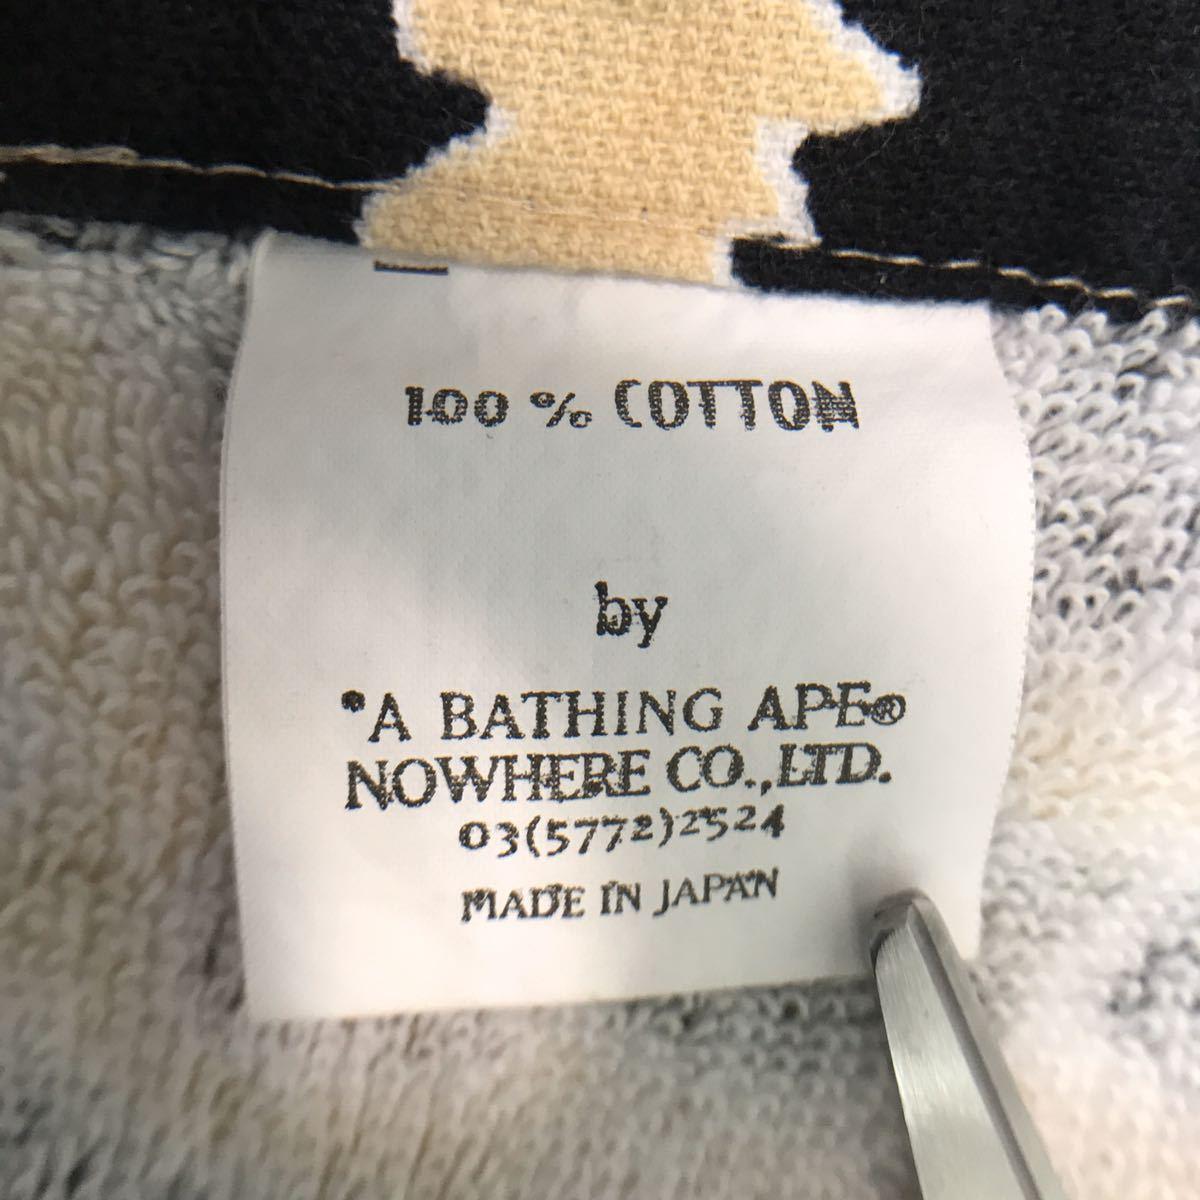 ★新品★ sta camo Beach towel a bathing ape BAPE サイケカモ psyche camo エイプ ベイプ nigo pharrell ビーチ タオル 迷彩 0789